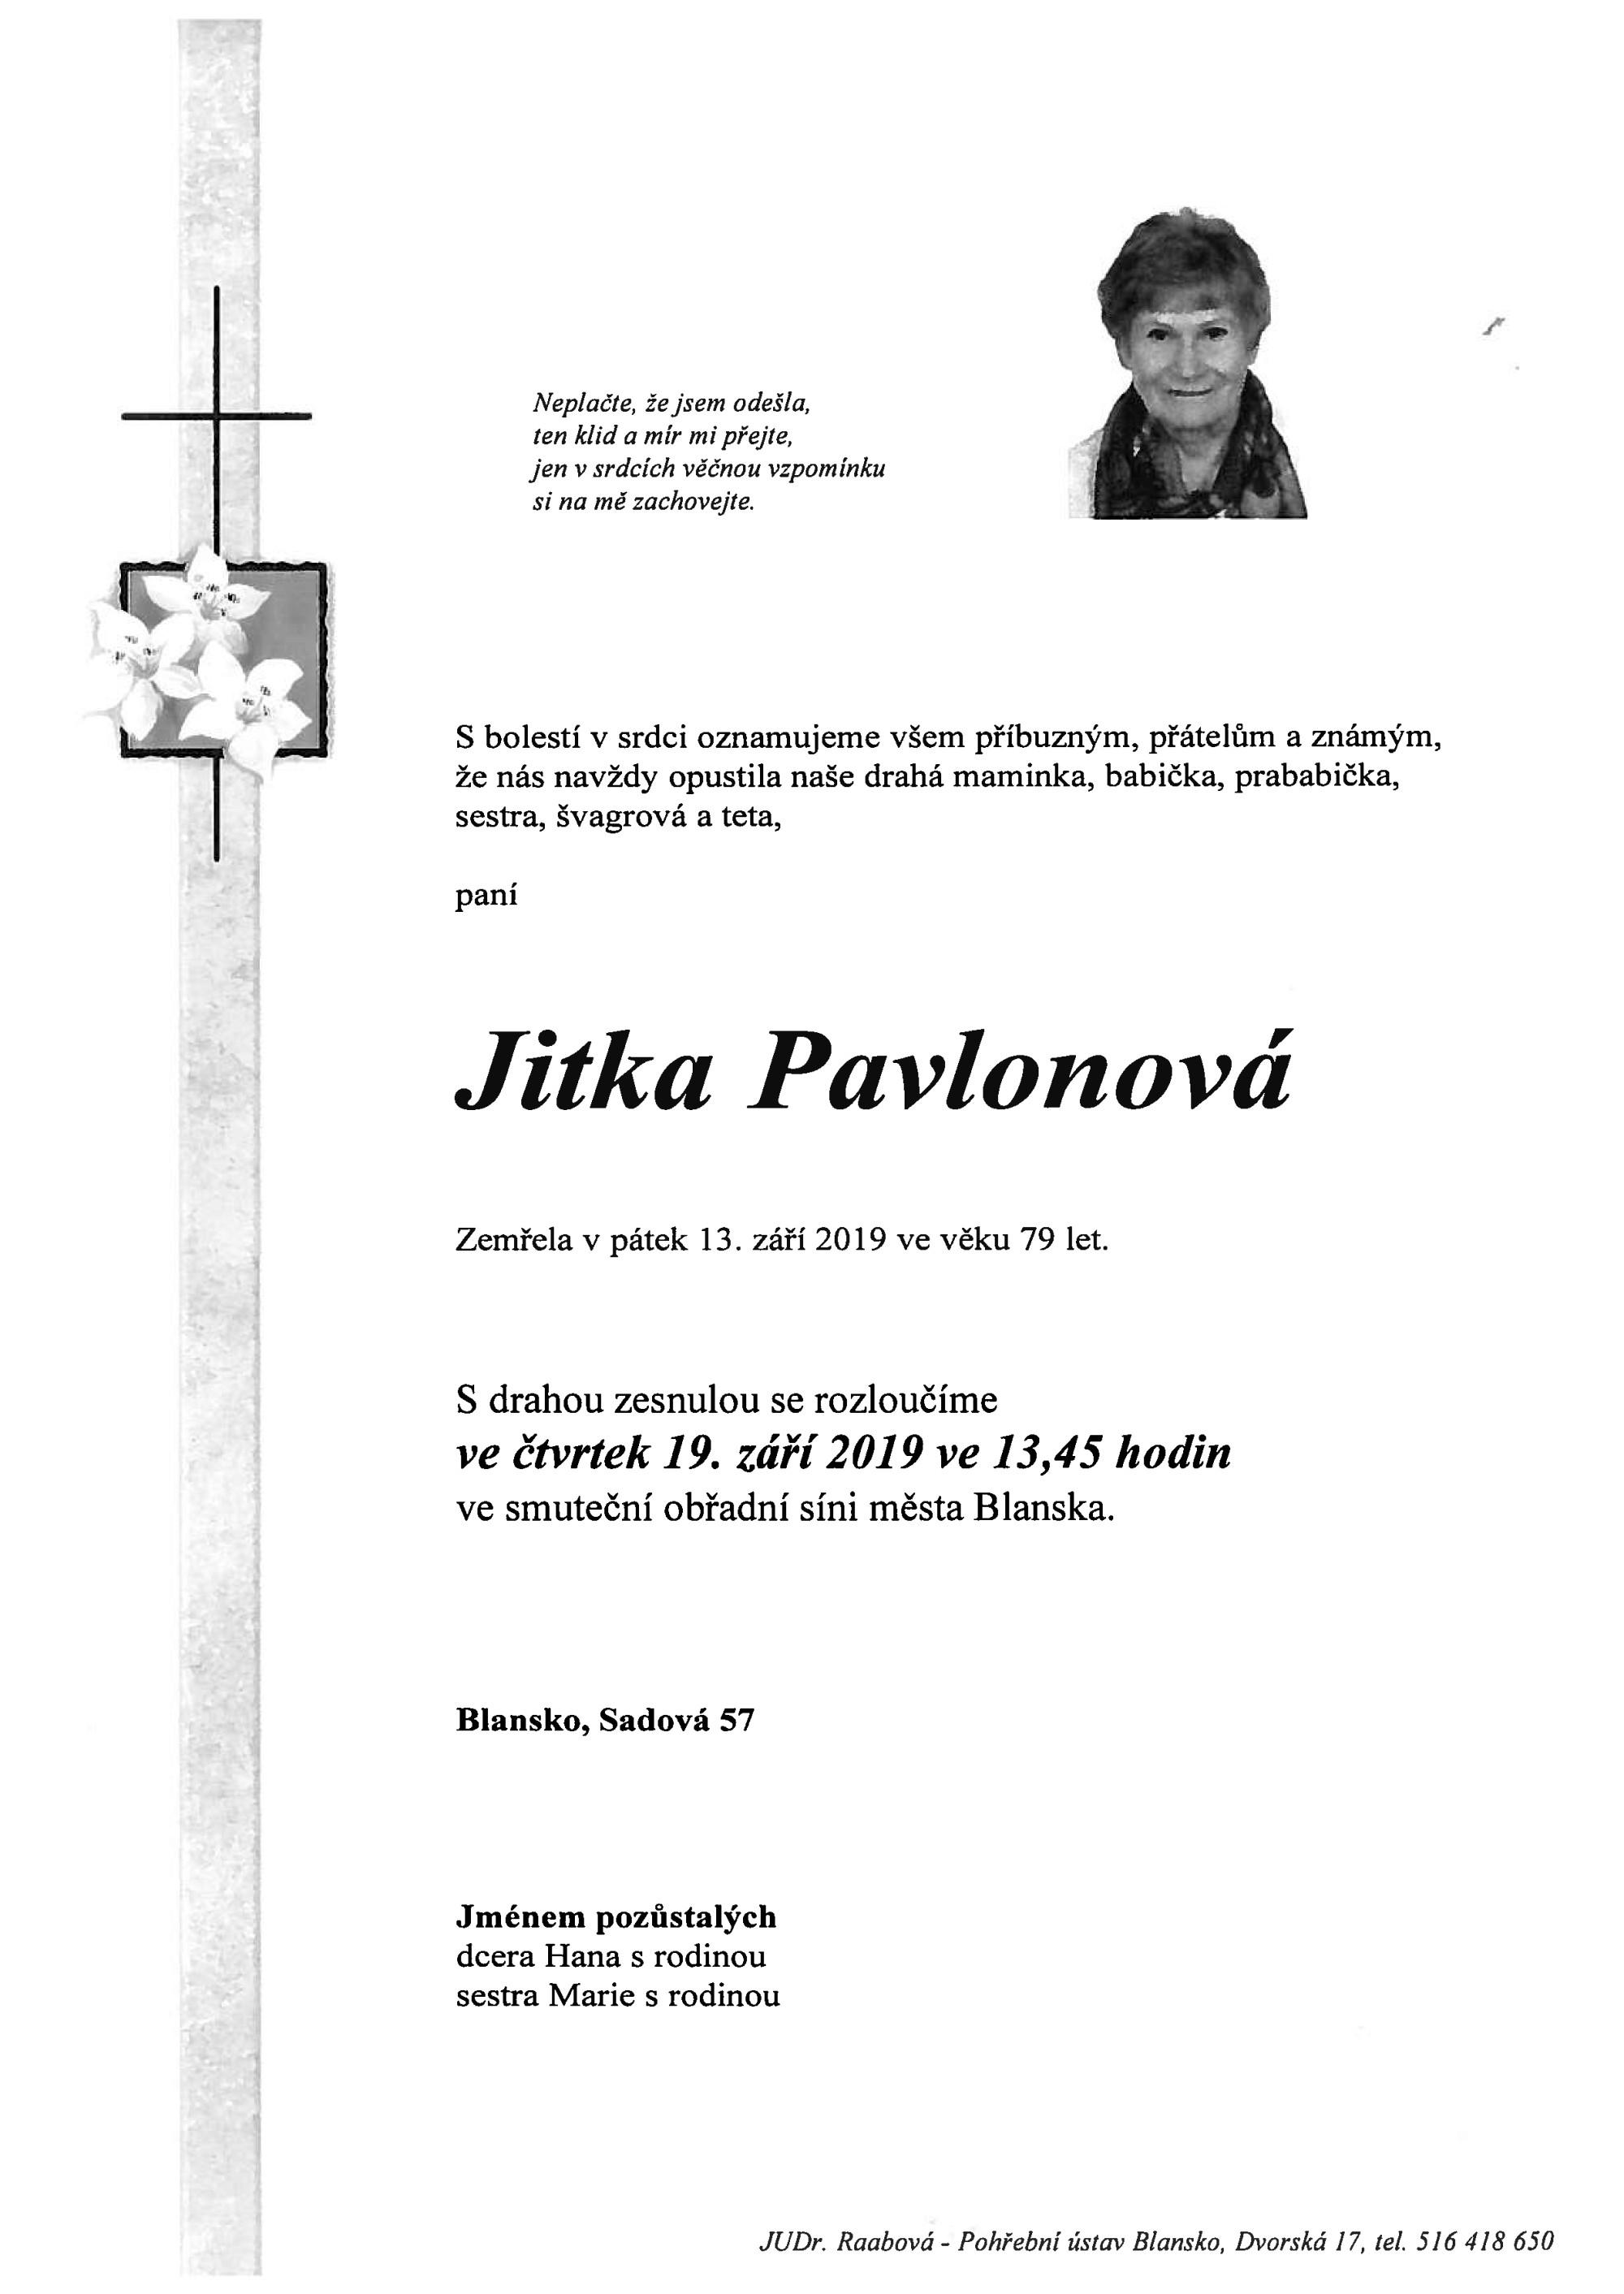 Jitka Pavlonová